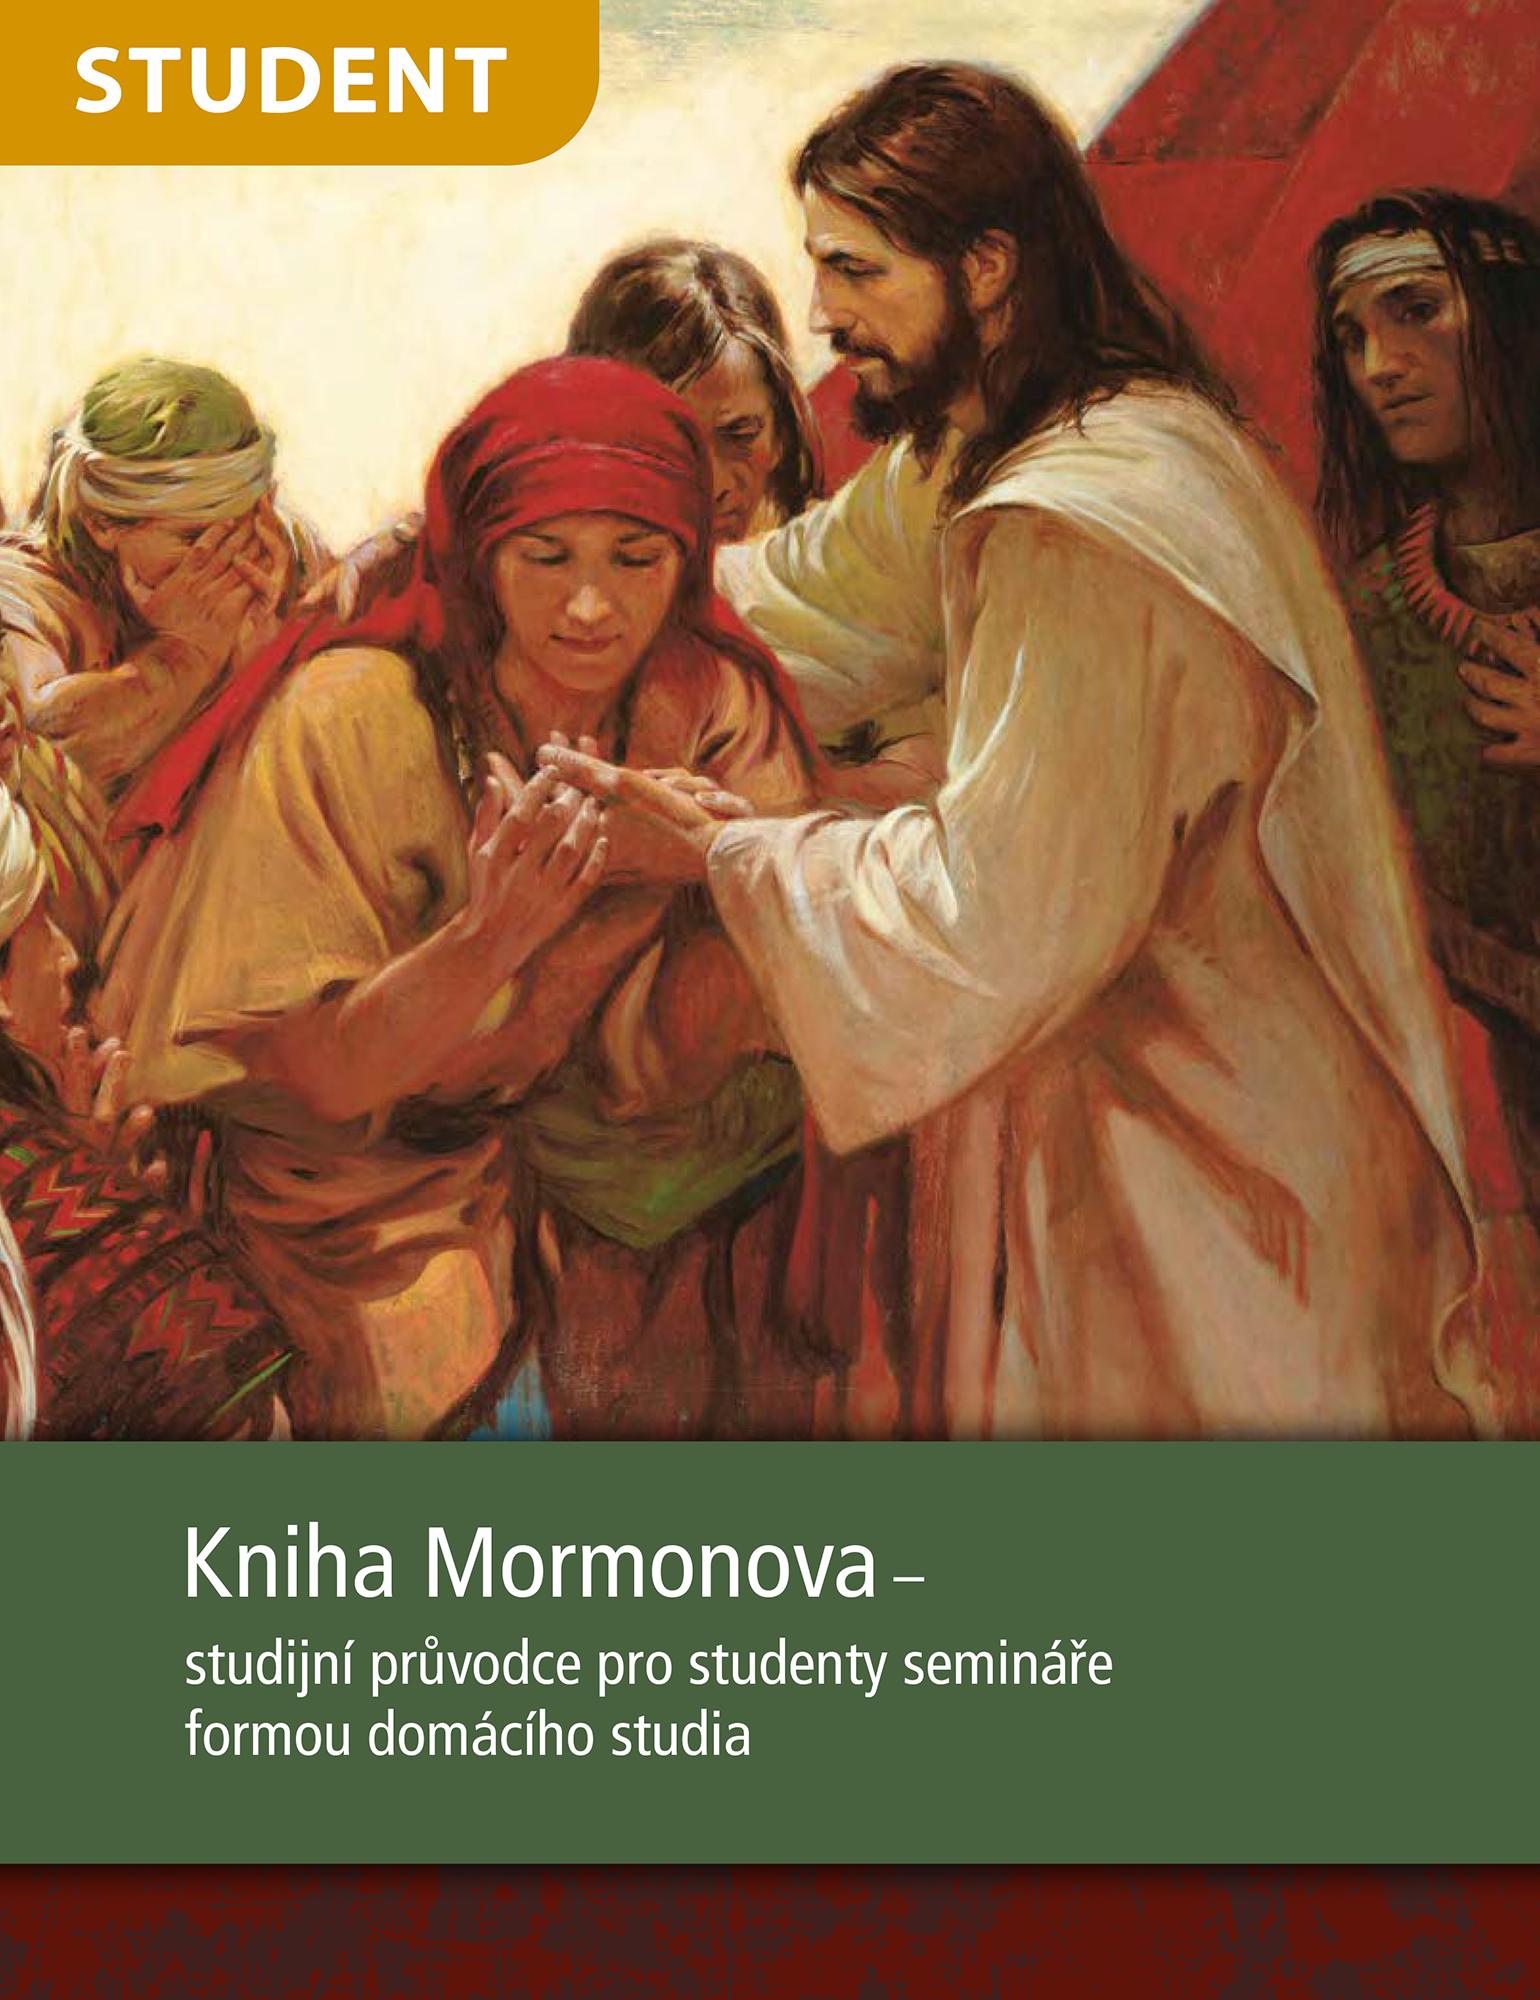 Kniha Mormonova – studijní průvodce pro studenty semináře formou domácího studia